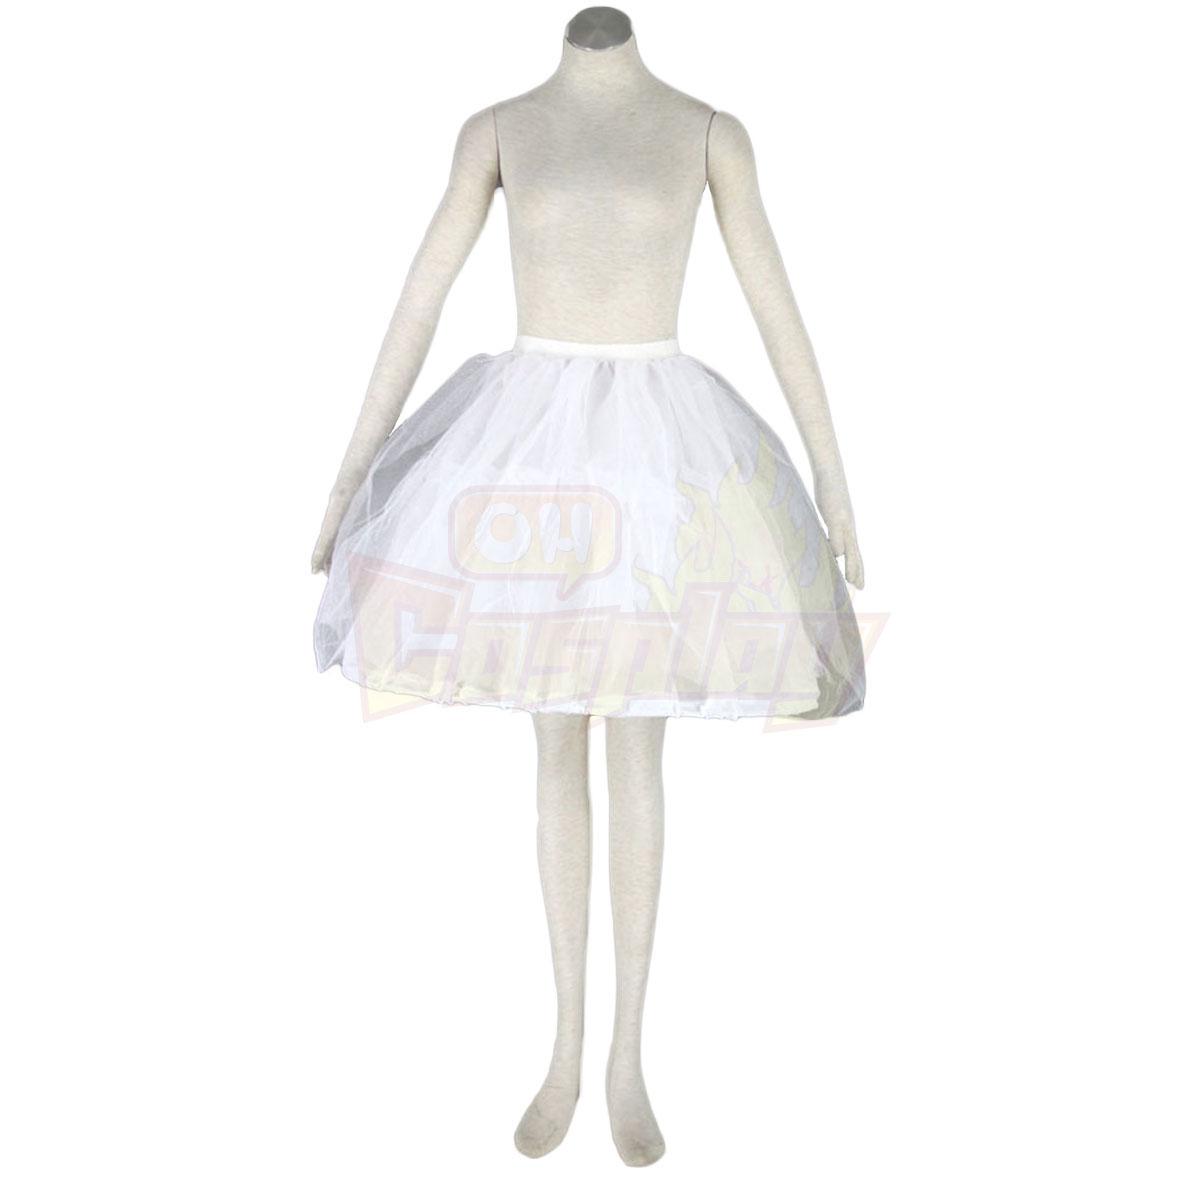 Луксозен Лолита културата шалче суетата средните рокли Cosplay Костюми